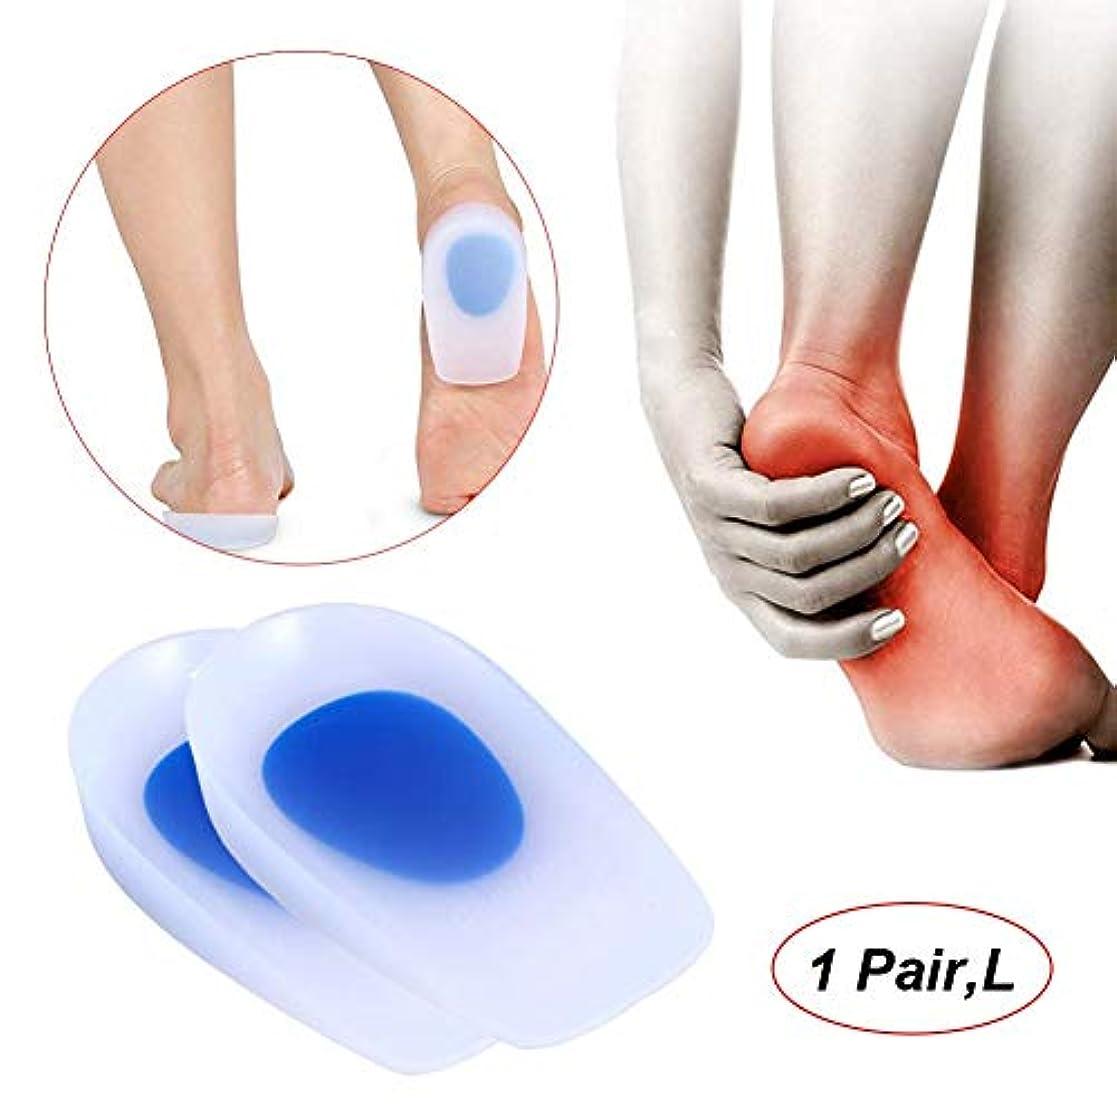 スペイン語今晩褐色ゲルヒールカップヒールシューズインサートパッド、足底筋膜炎の痛みを和らげる、男性と女性のヒール骨棘とアキレス腱炎(1ペア)L